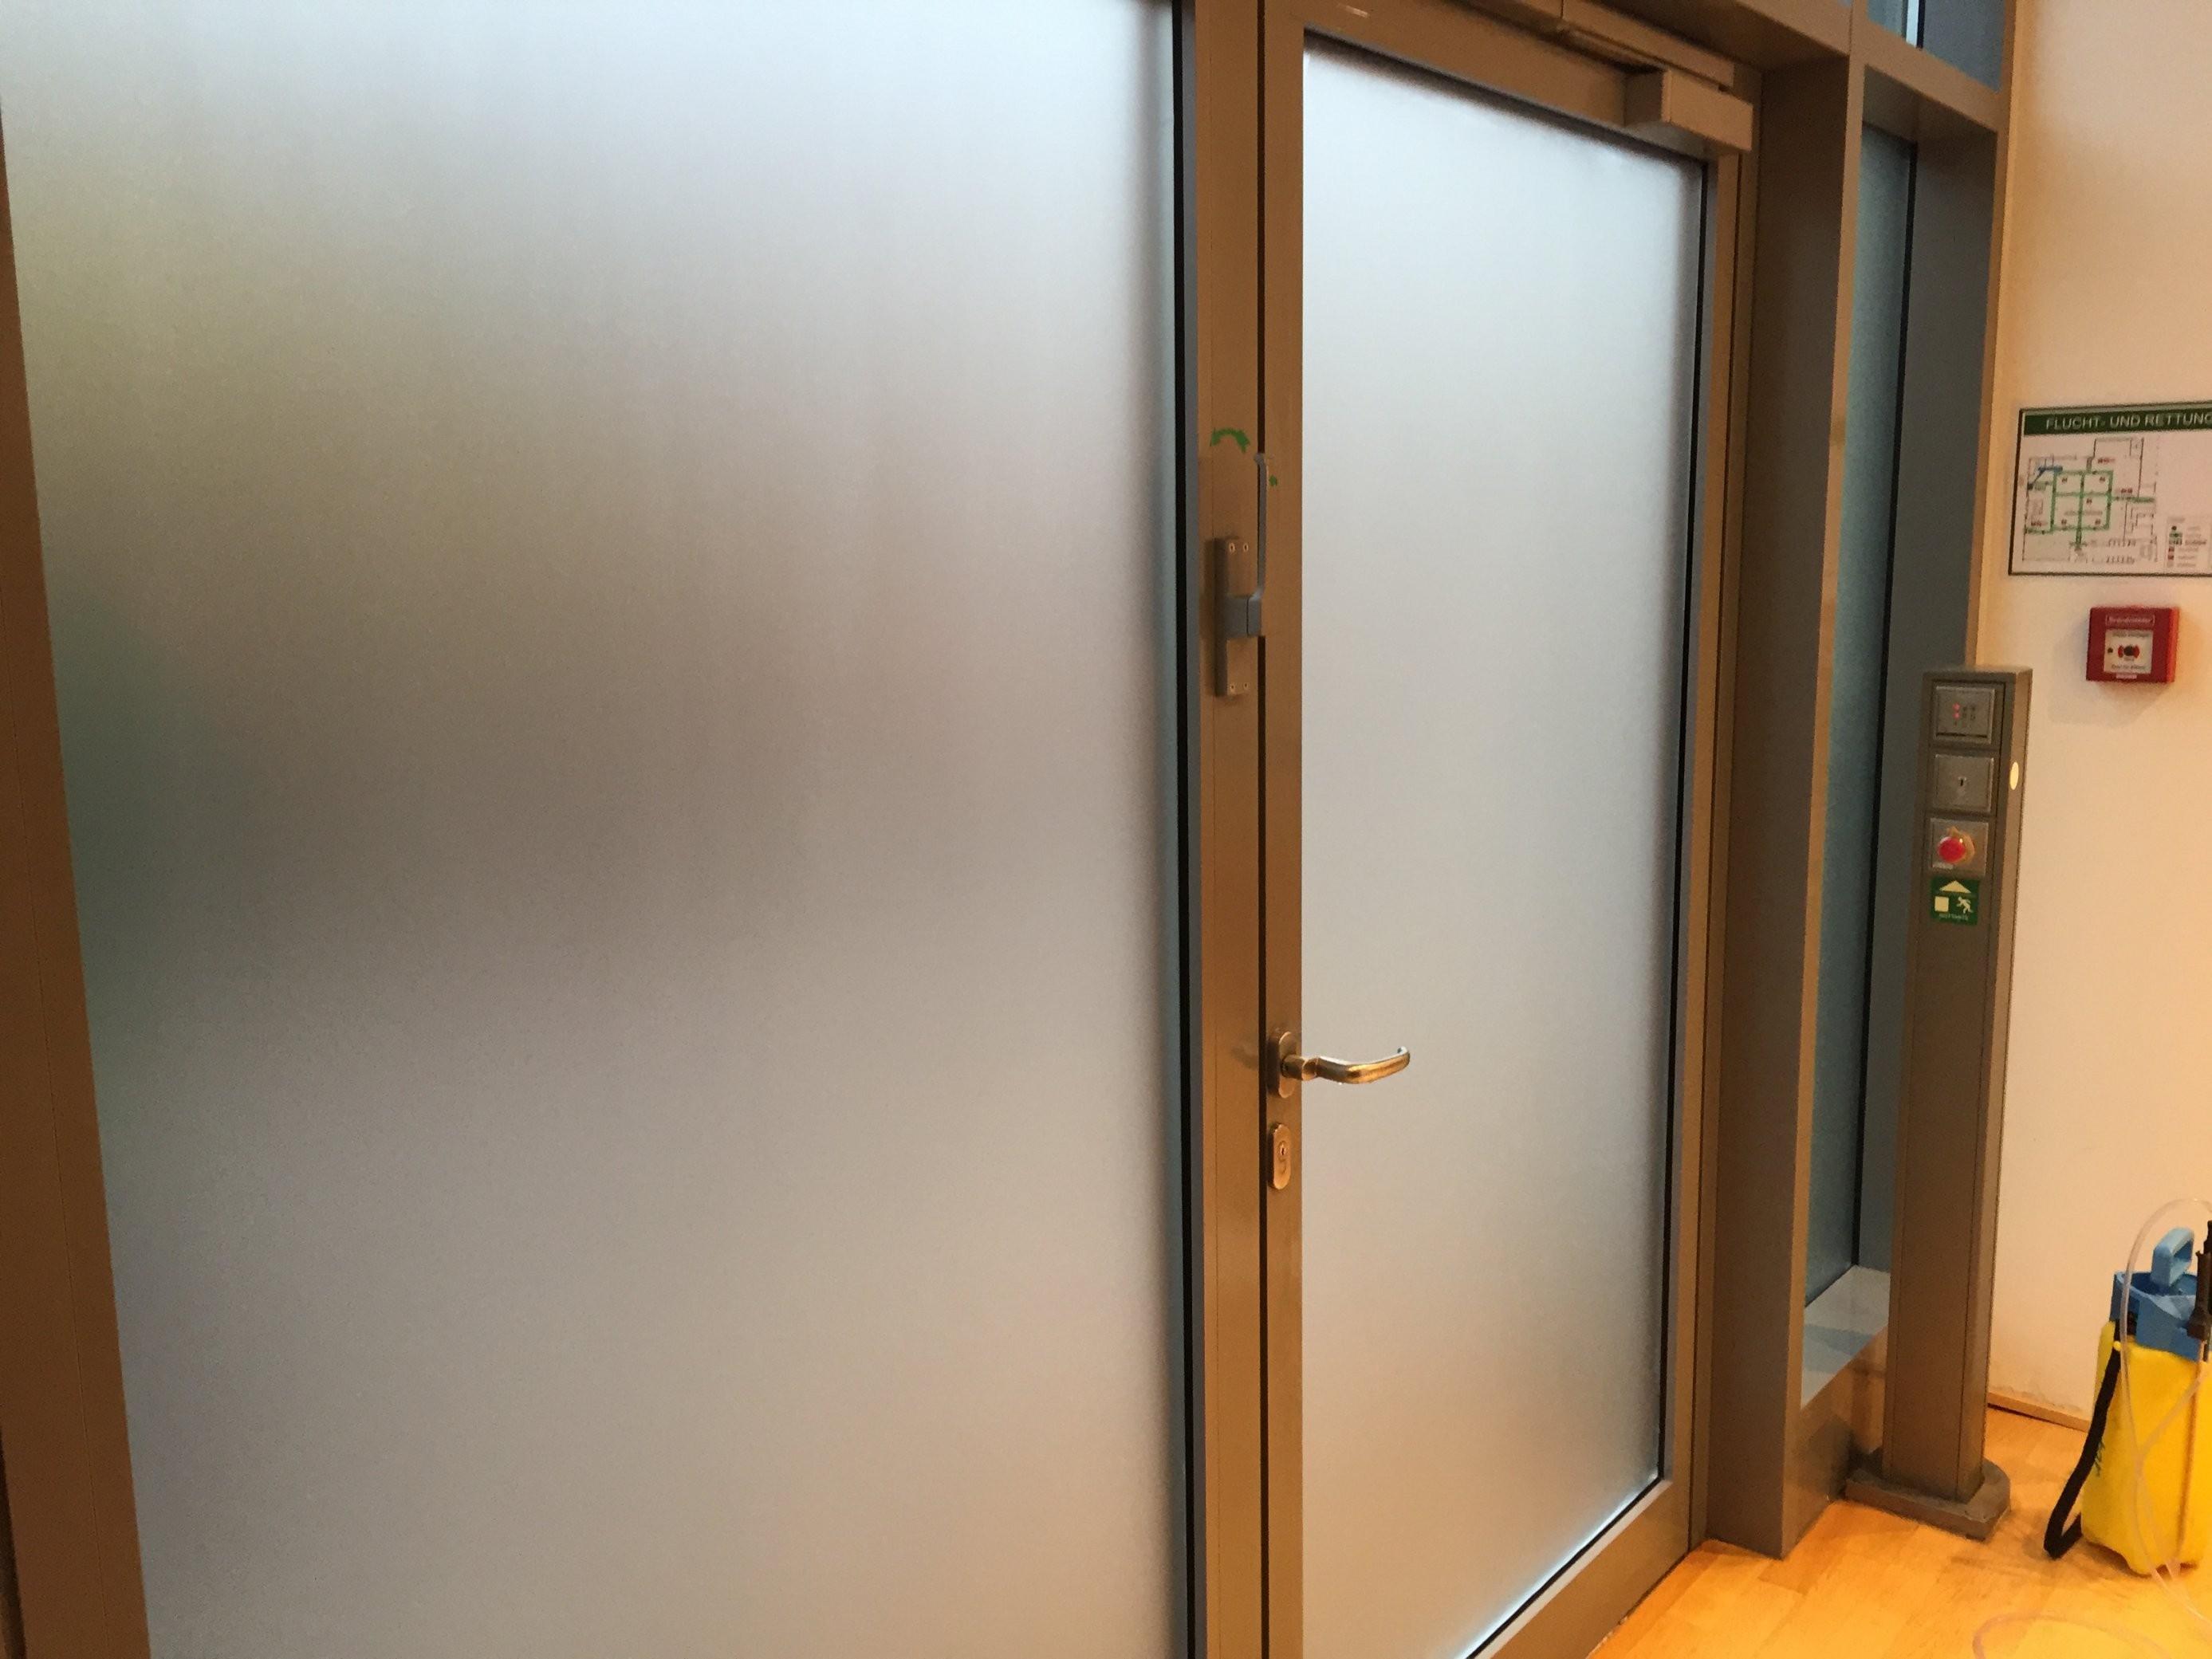 Sichtschutzfolie Für Ihr Fenster  Profimontage Aus Berlin von Fensterfolie Sichtschutz Einseitig Bild